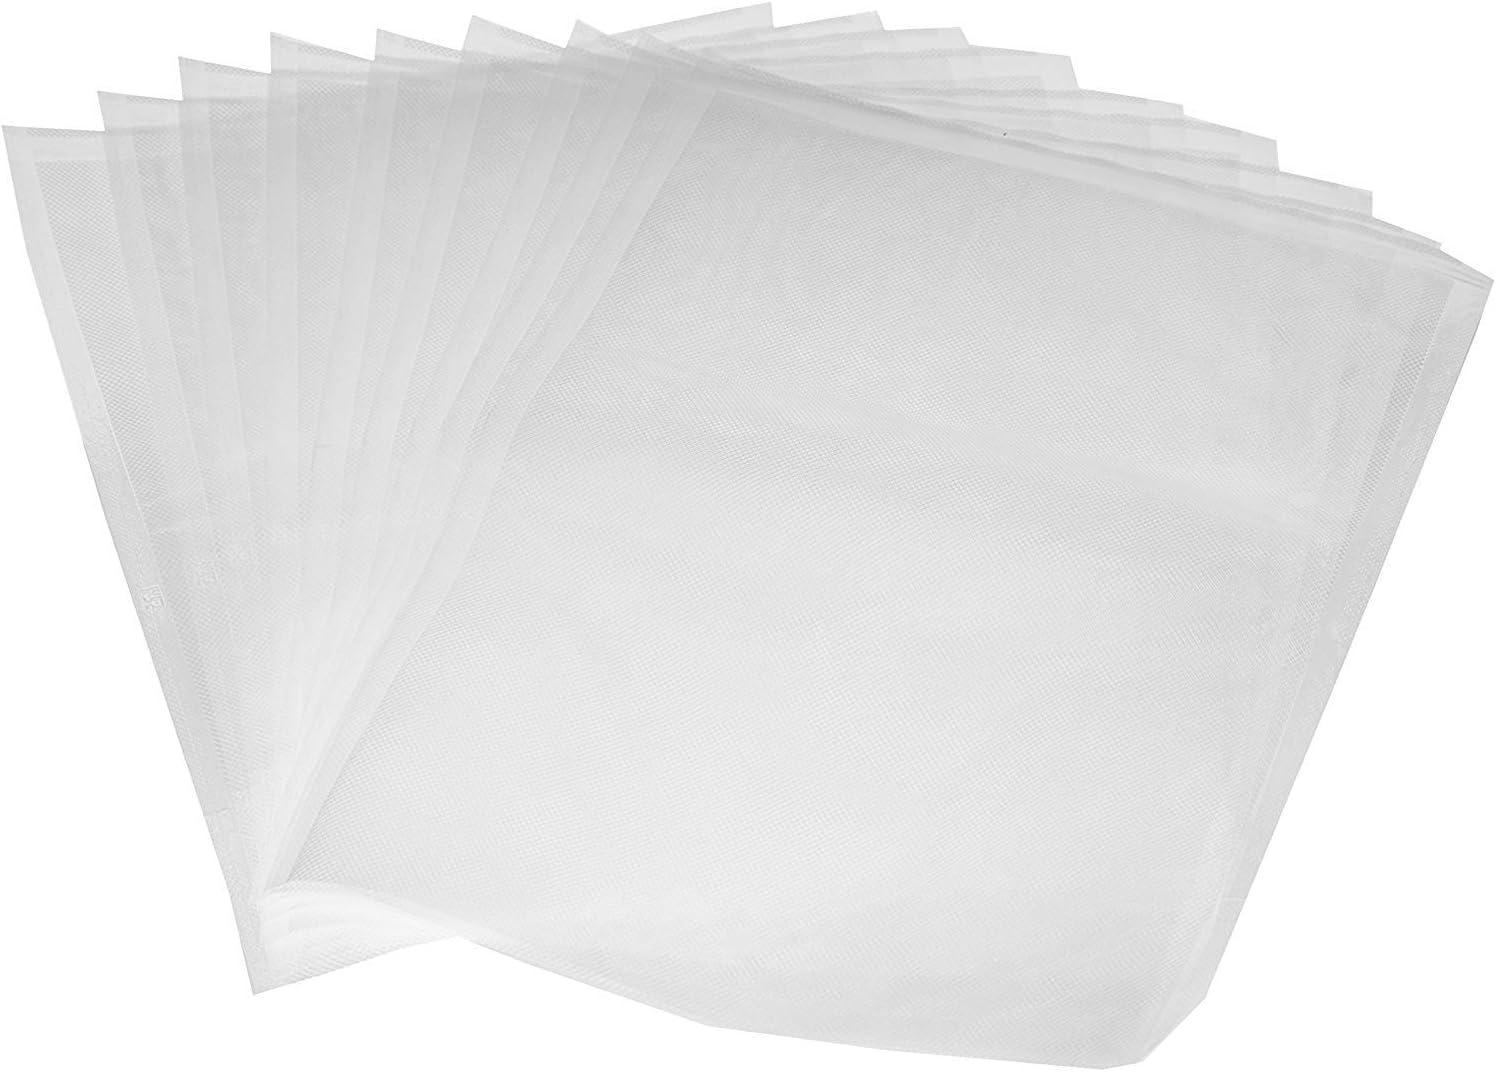 Amazonbasics - Juego de 50 bolsas para envasadoras al vacío, 22 cm x 30 cm